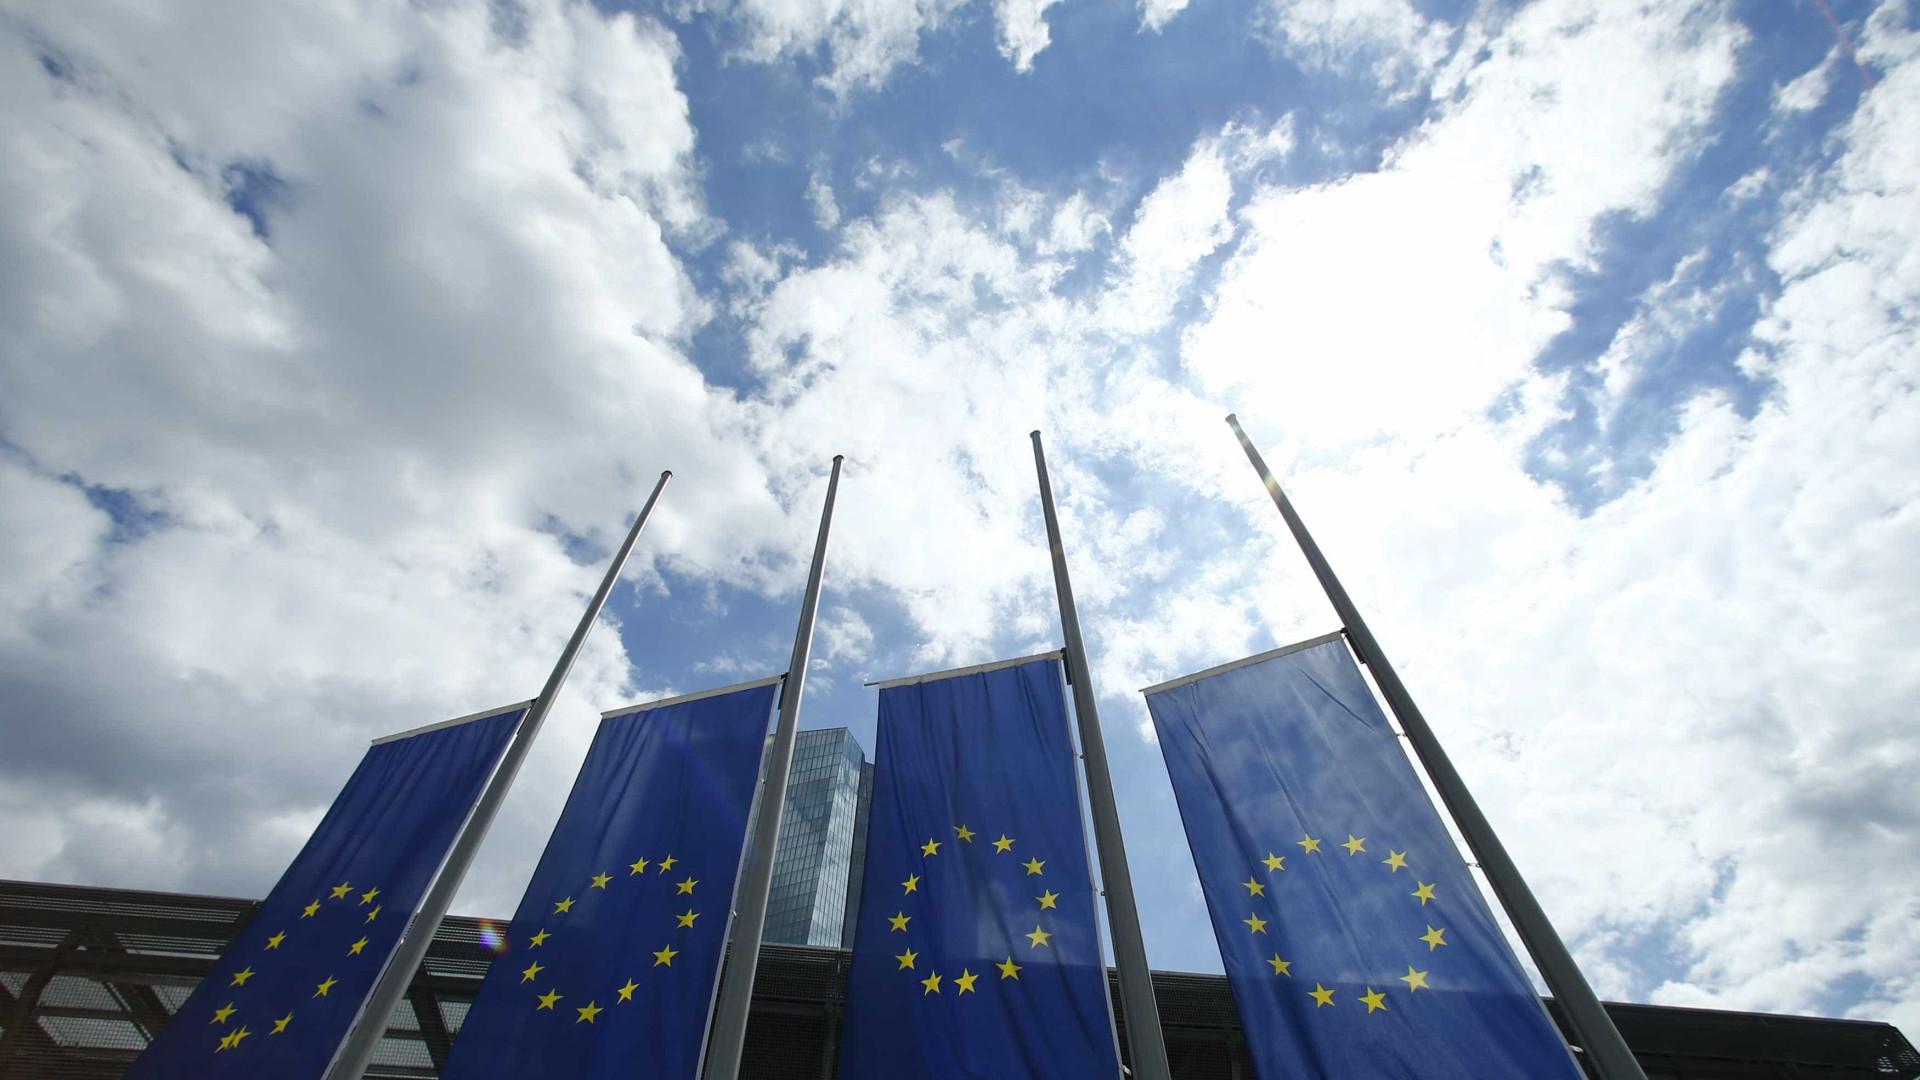 UE vai afastar grupos britânicos de contratos europeus